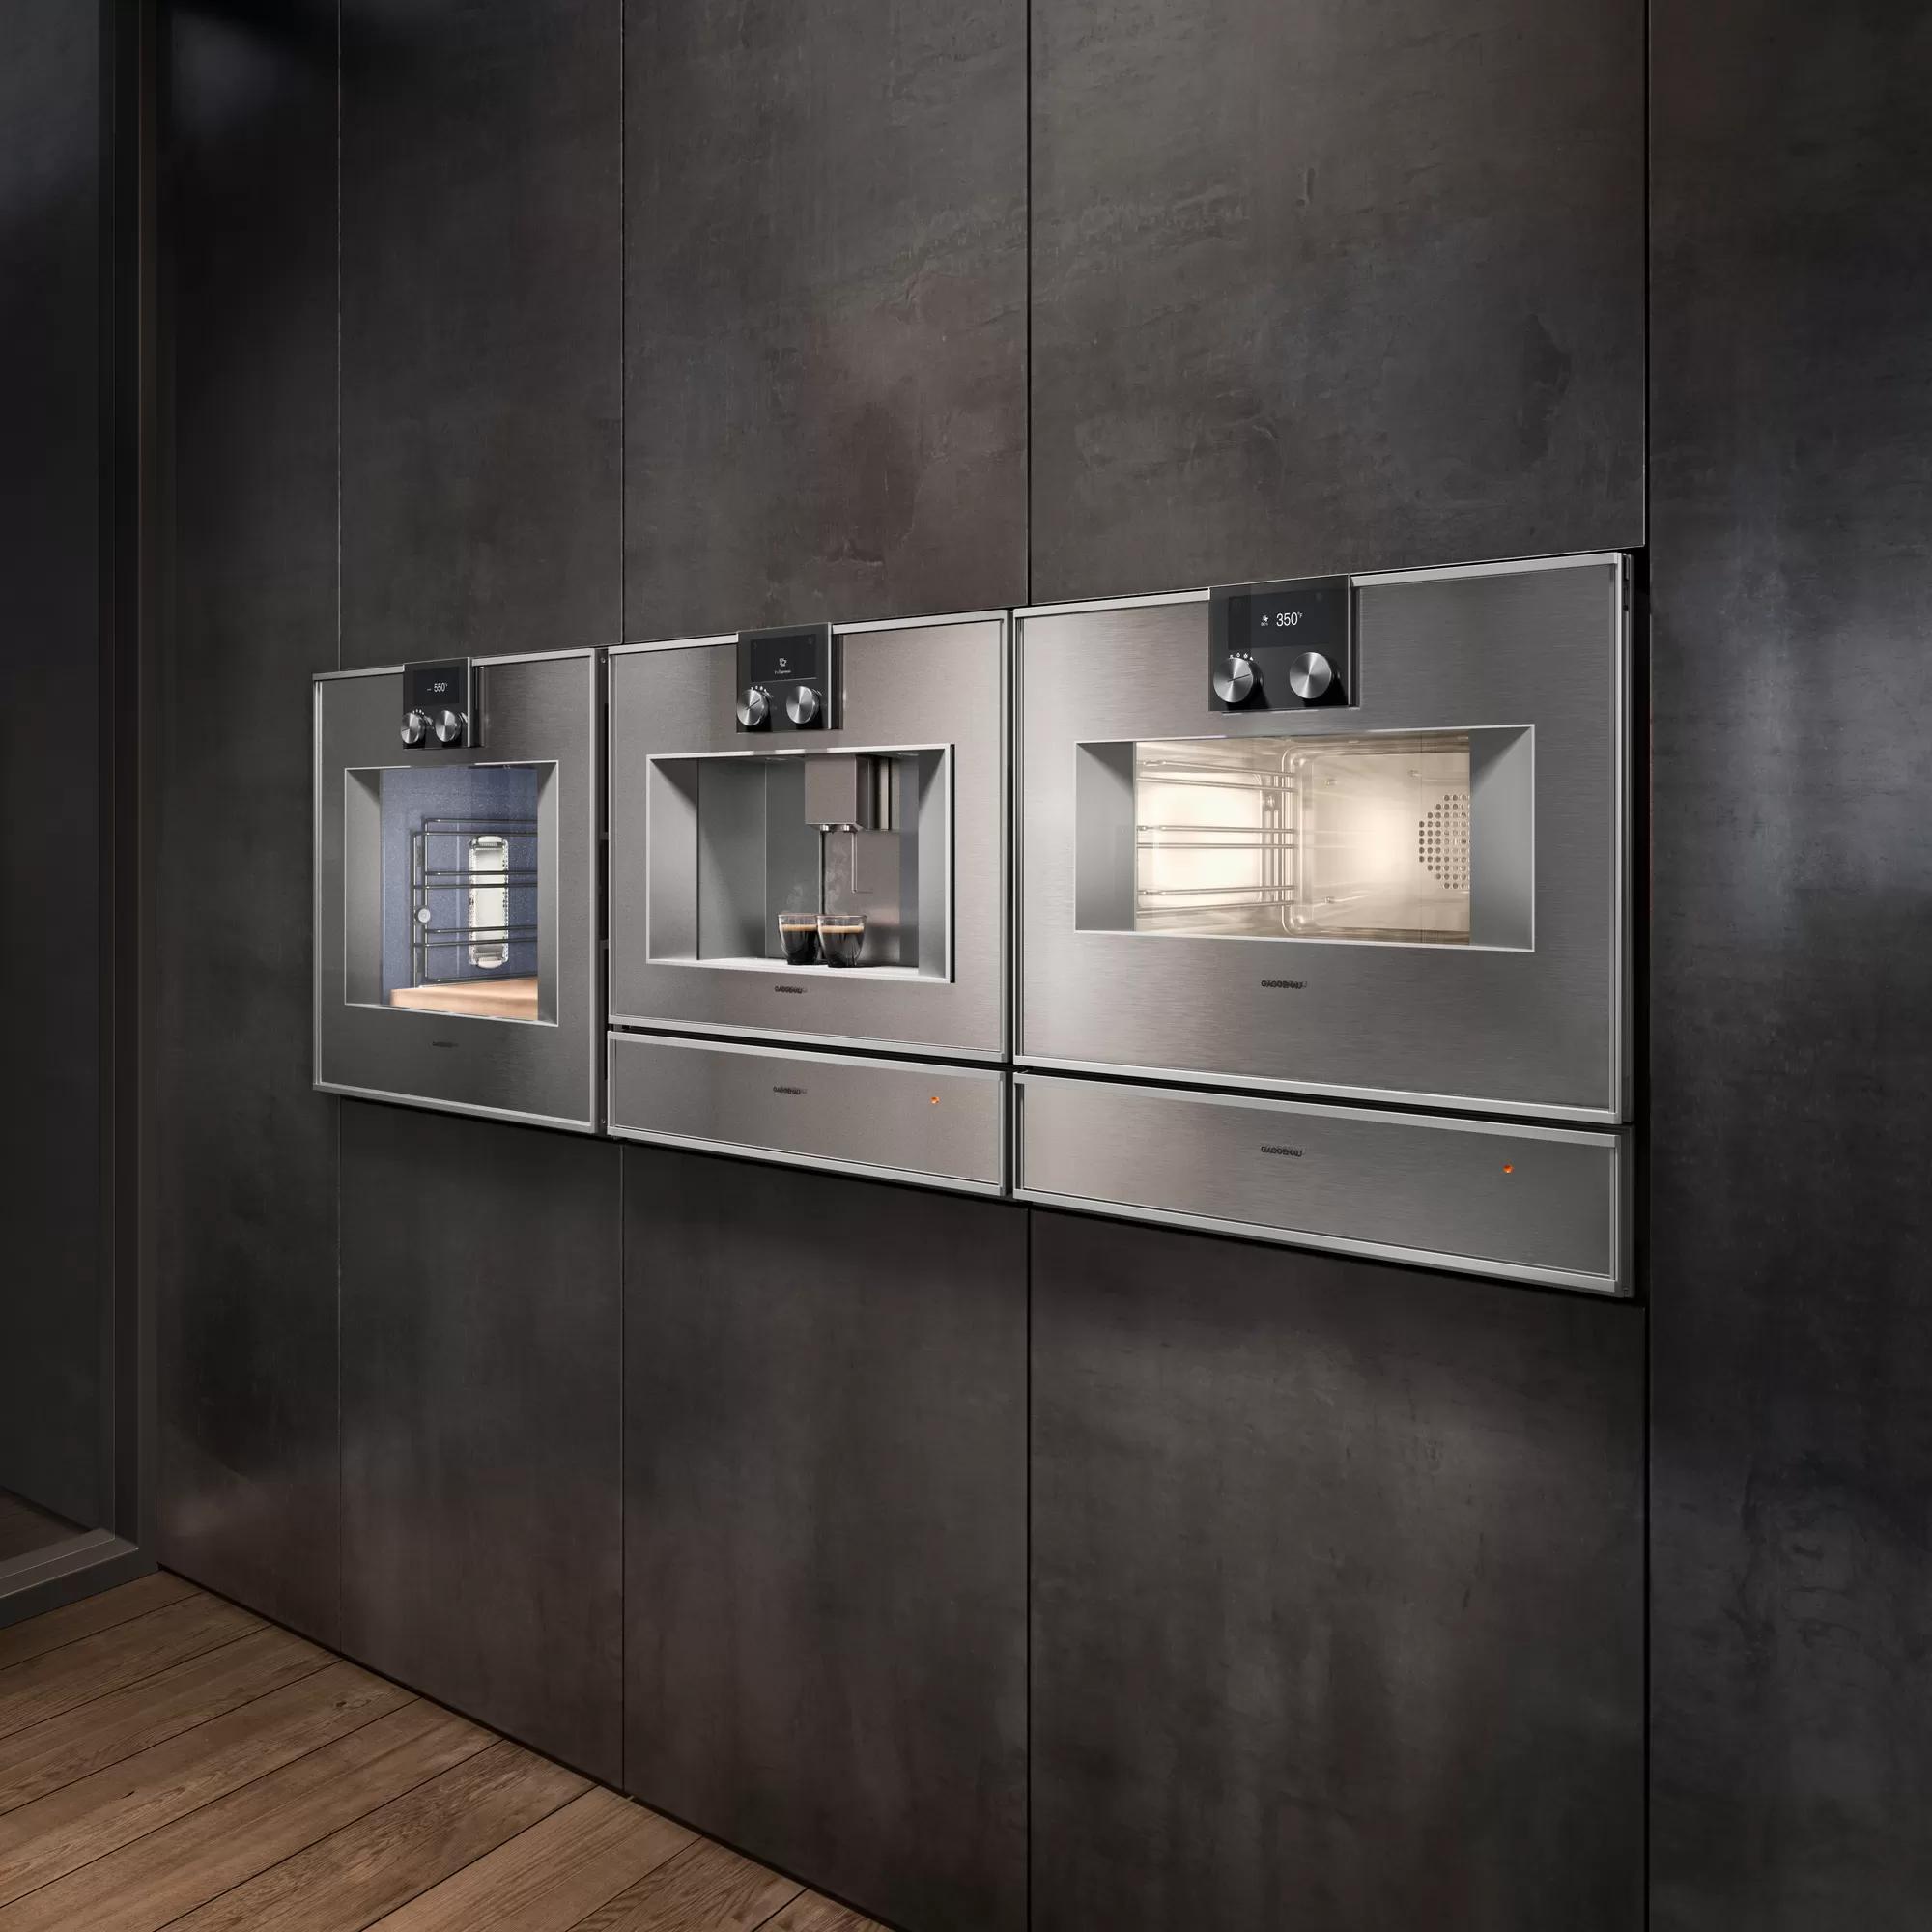 400 Series Oven 24'' Door Hinge: Right, Door Hinge: Right, Stainless Steel Behind Glass Photo #3